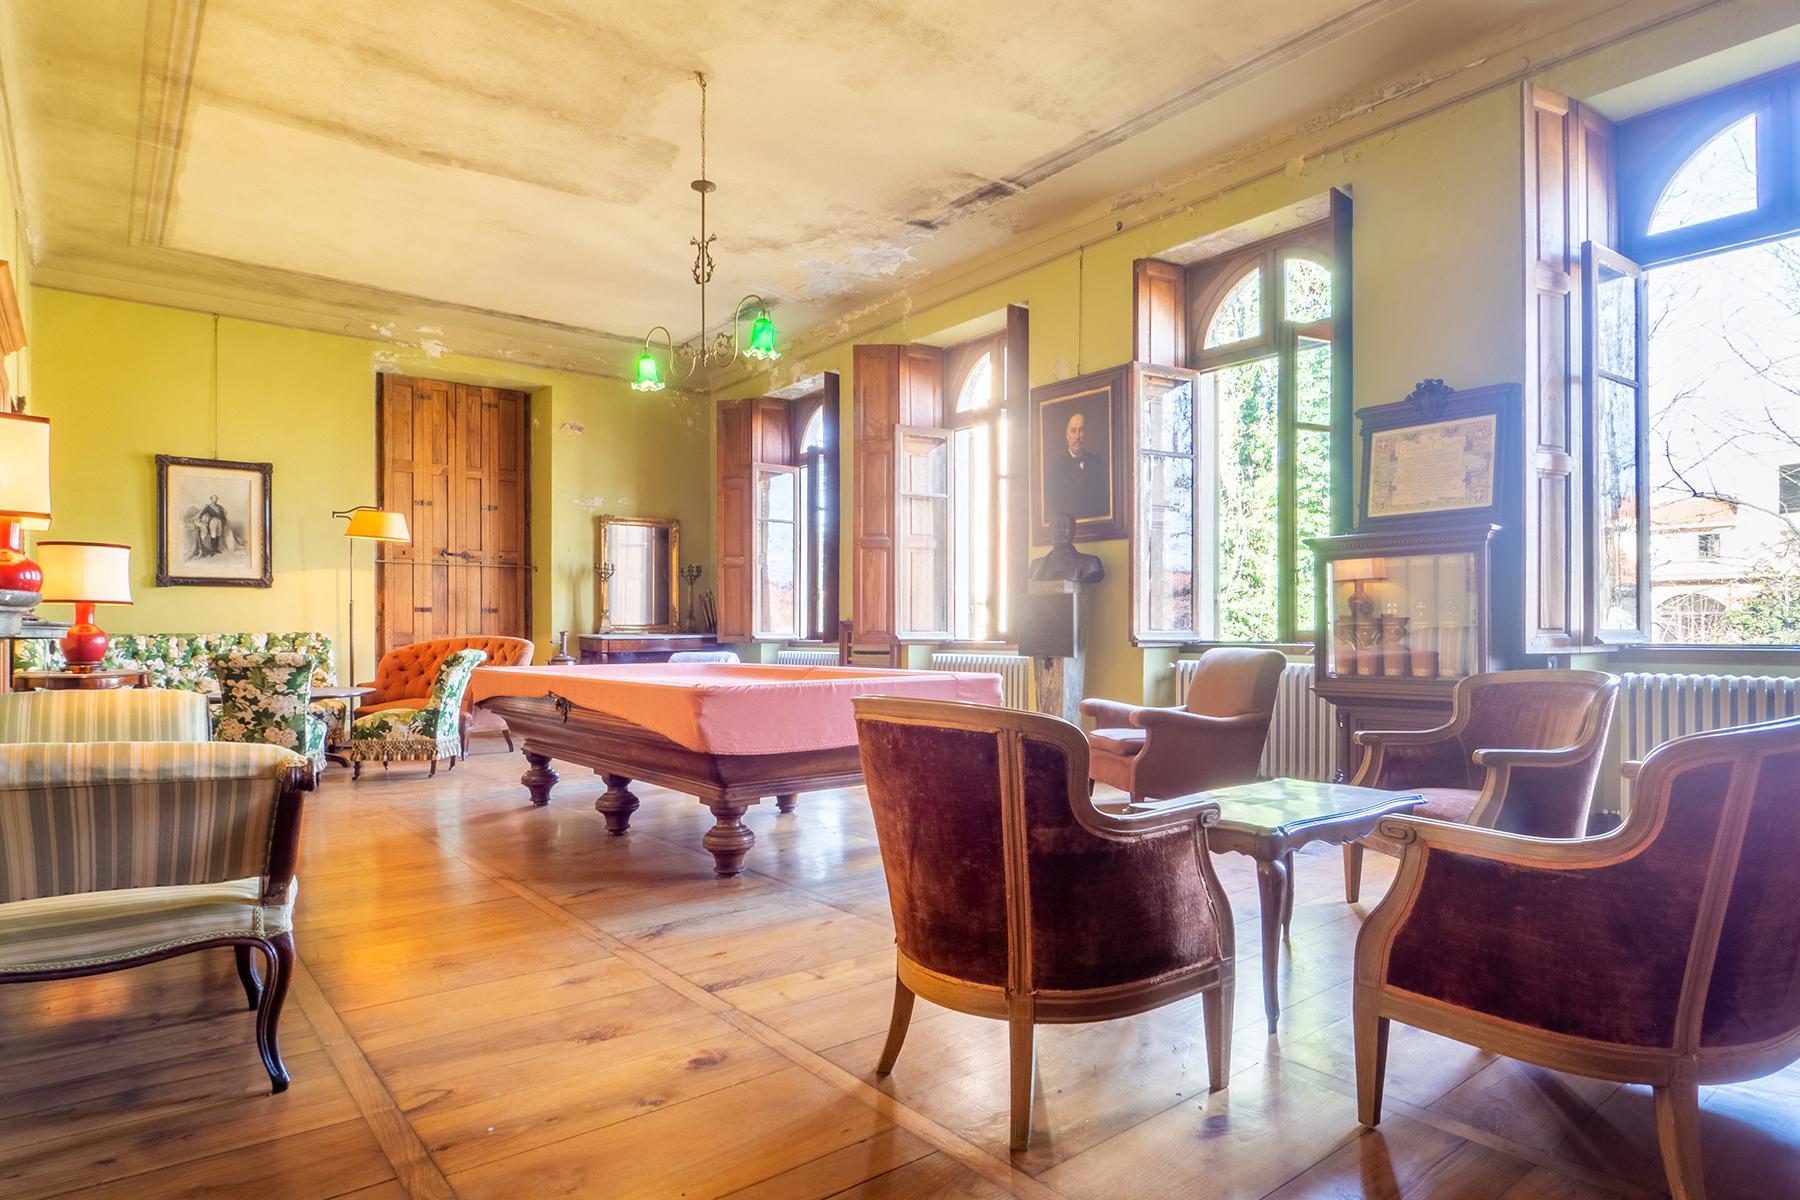 Villa in Vendita a Cavour: 5 locali, 600 mq - Foto 2